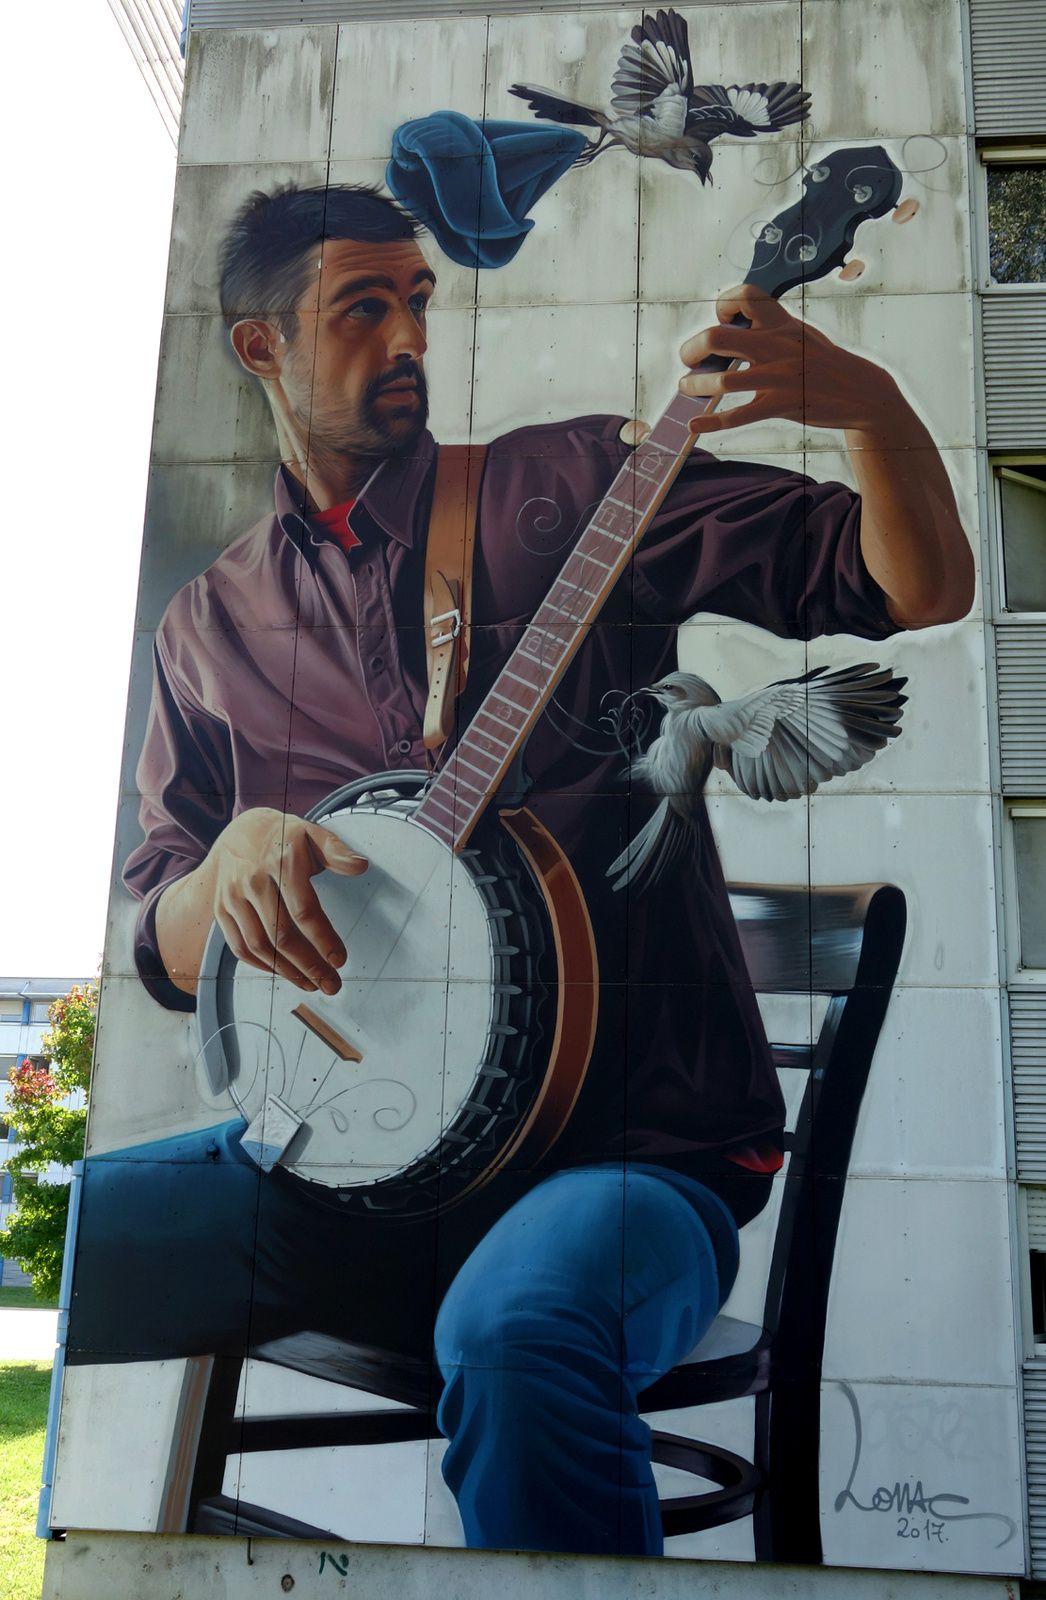 Street Art : Graffitis & Fresques Murales 38421 Saint Martin d'Heres